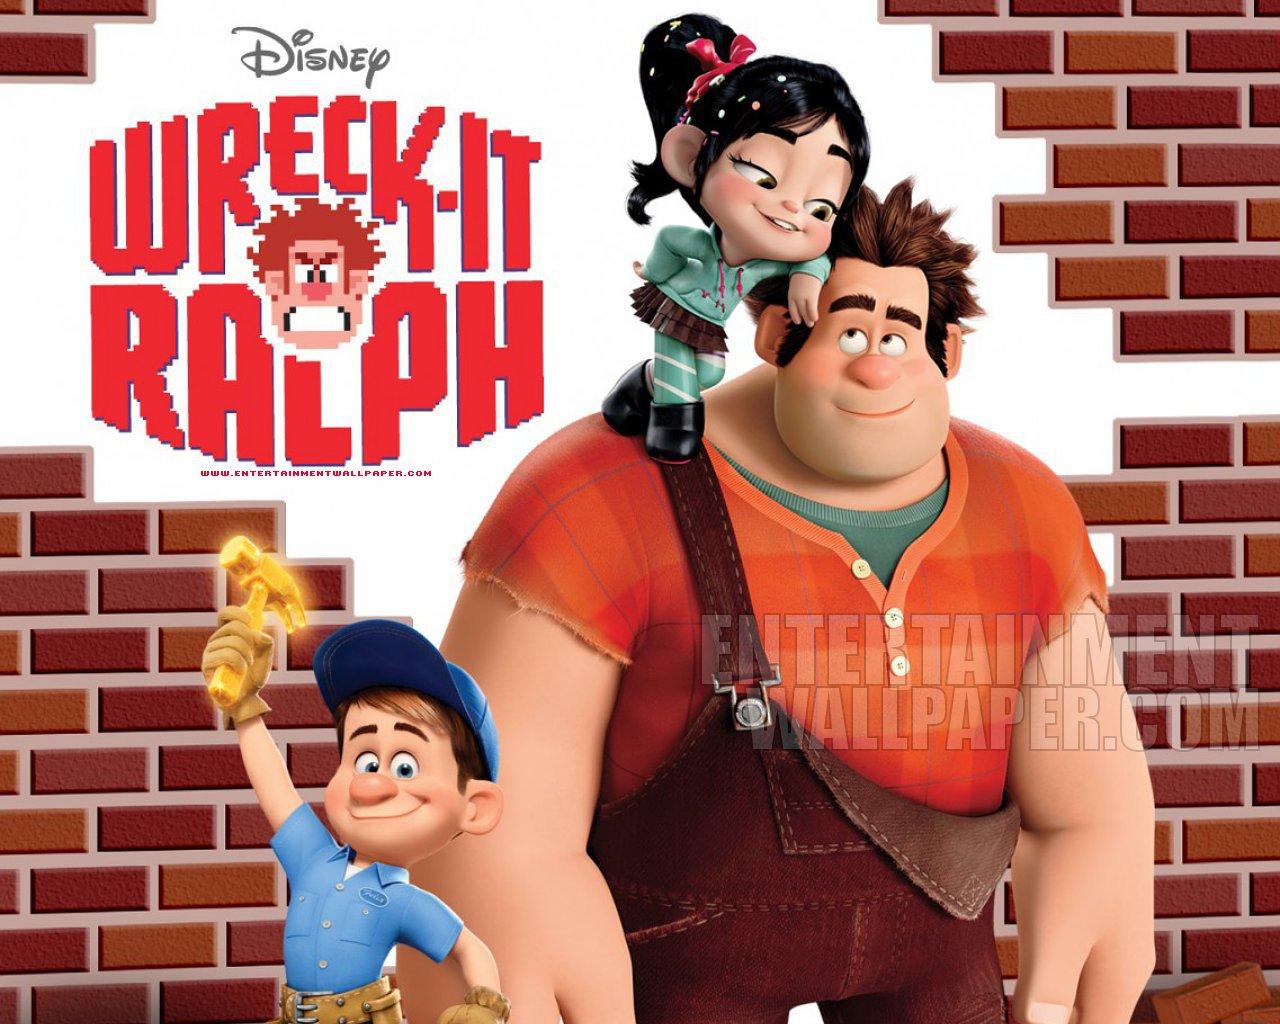 Wreck It Ralph Entertainment Wallpaper